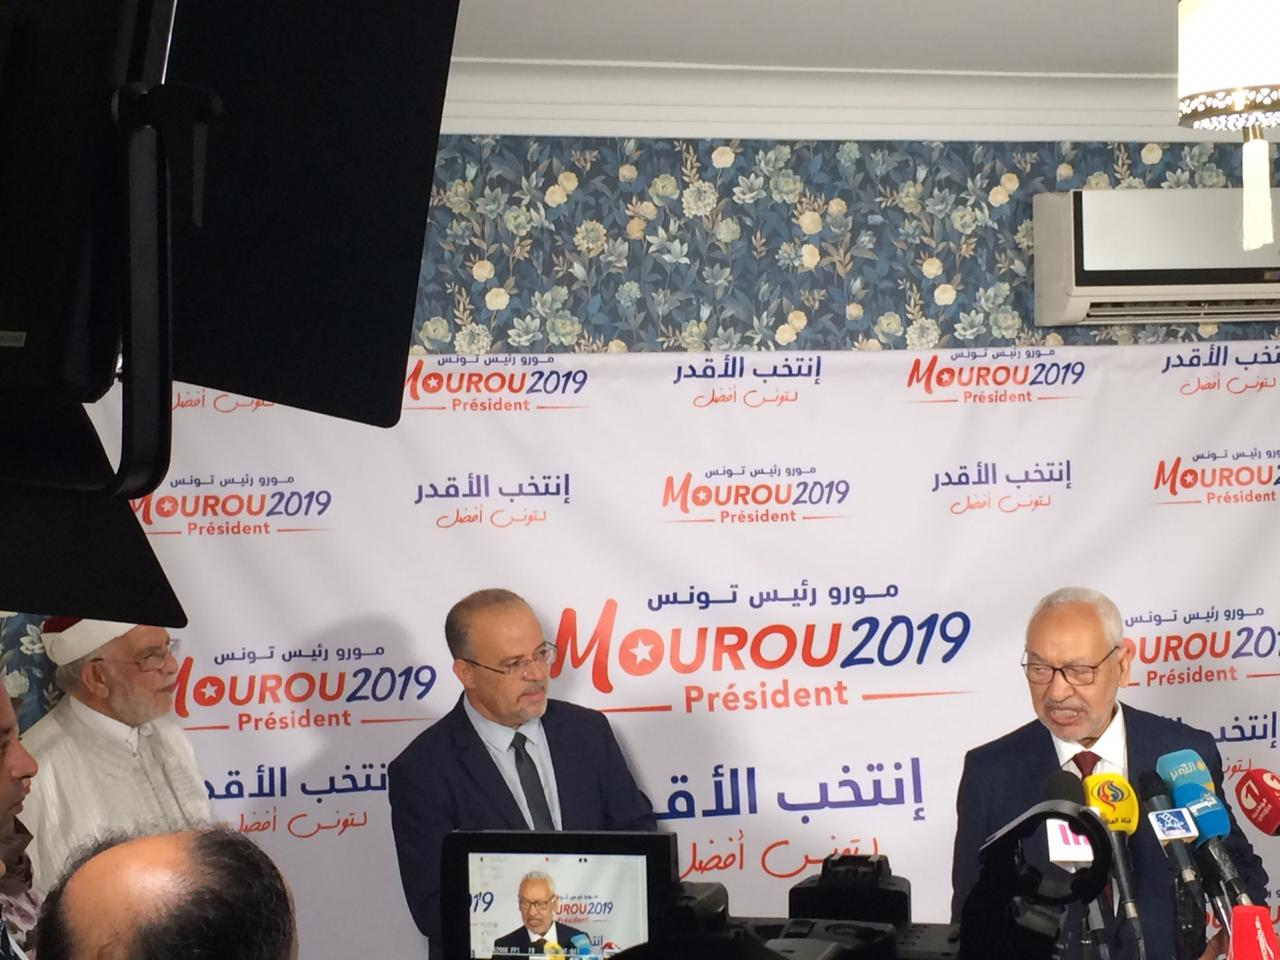 Le leader d'Ennahdha Rached Ghannouchi (à droite), aux côtés du candidat du parti à l'élection présidentielle Abdelfattah Mourou (à gauche) et de Samir Dilou, directeur de campagne.